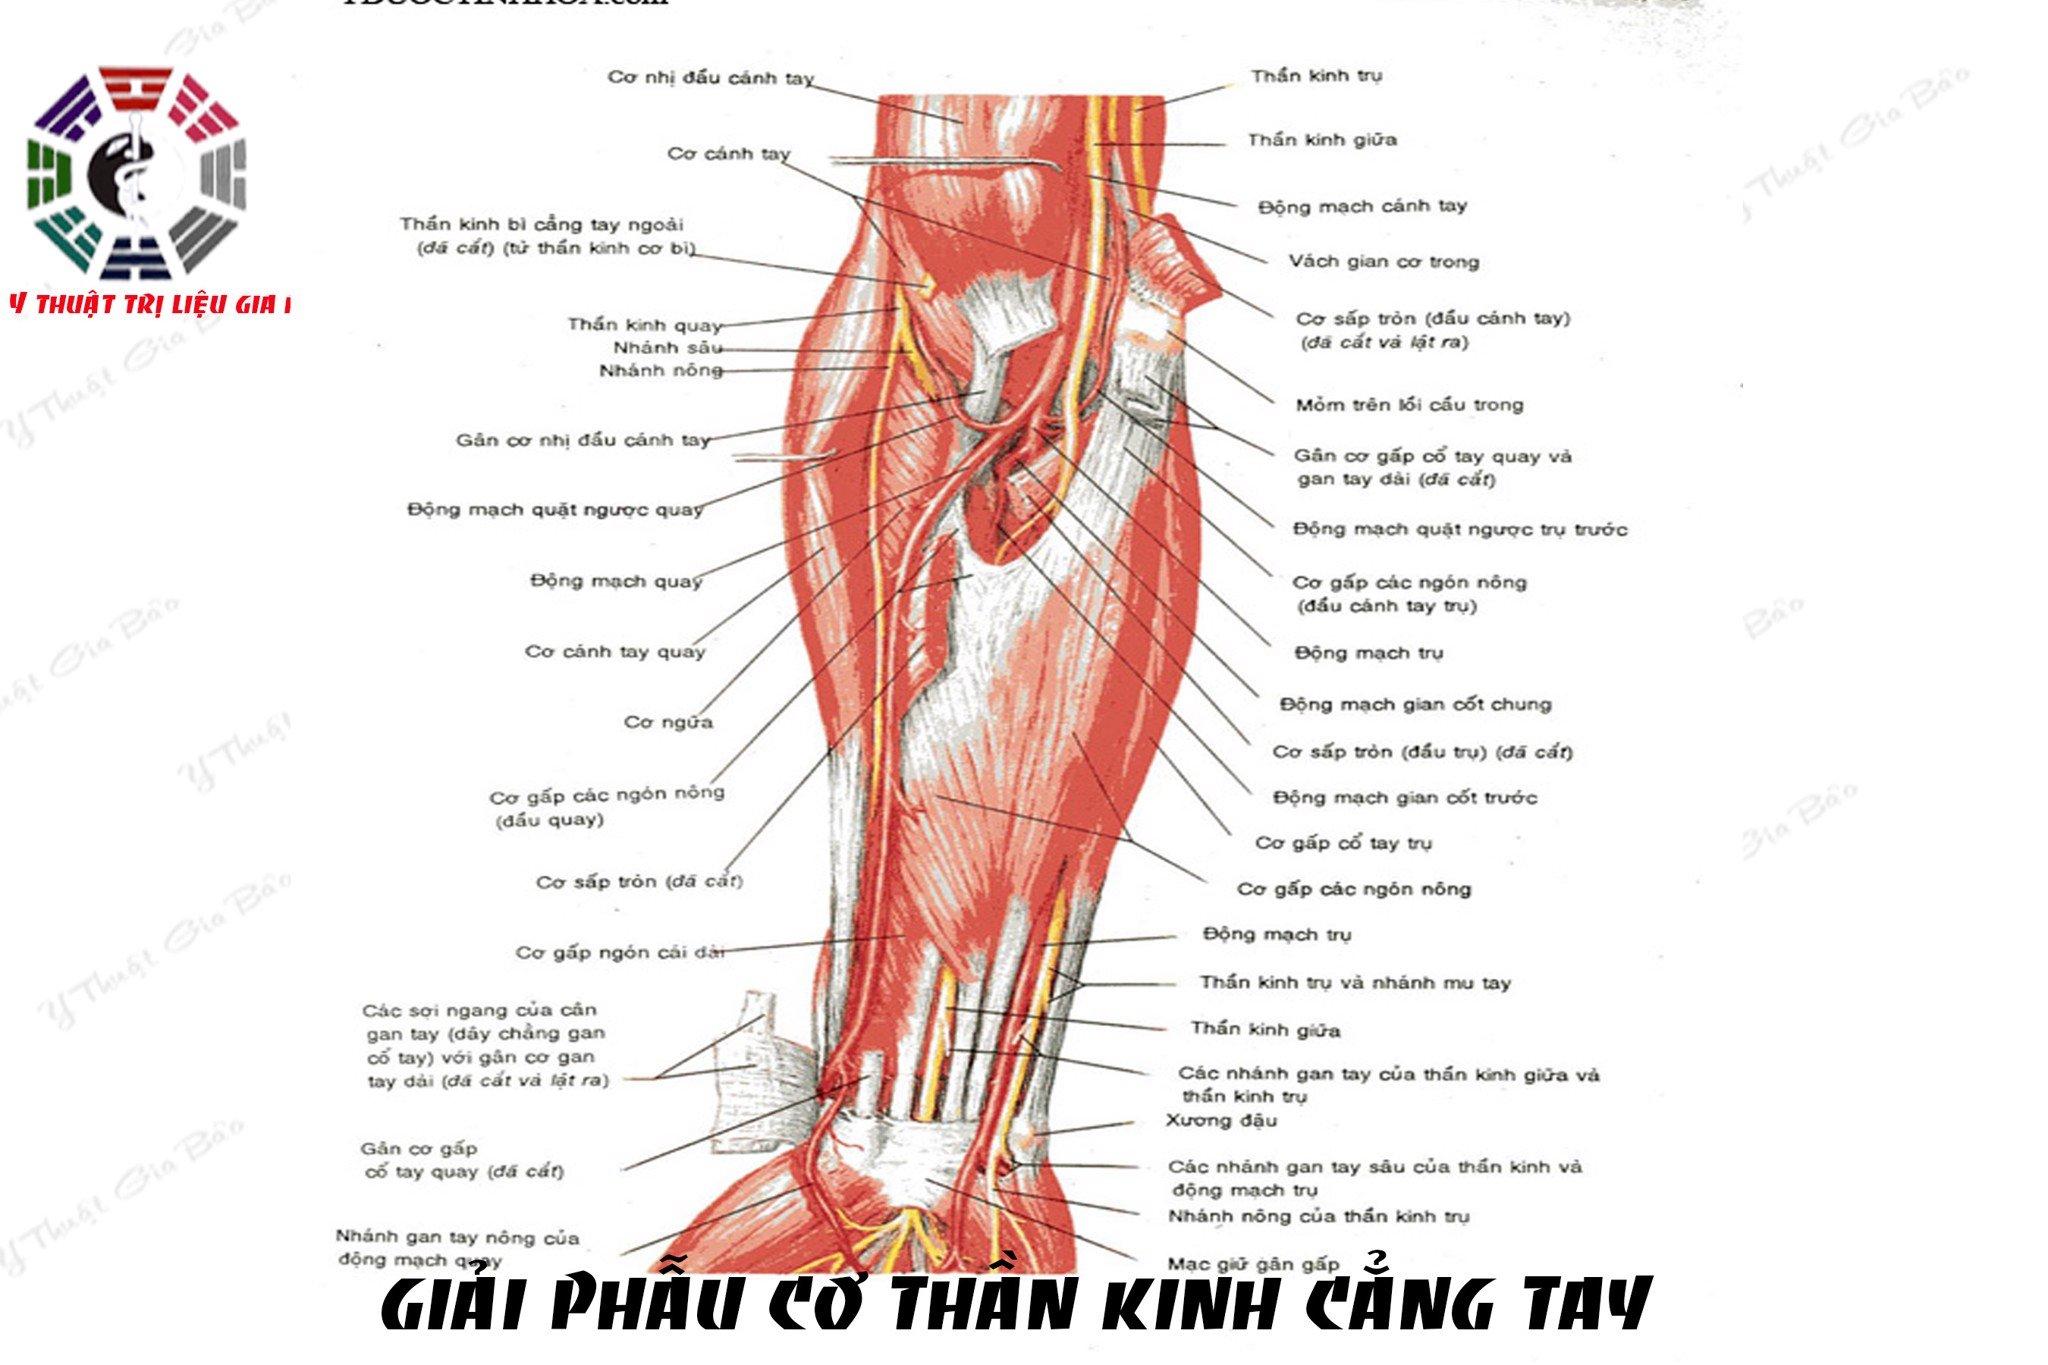 Giải phẫu chi tiết cơ cẳng tay